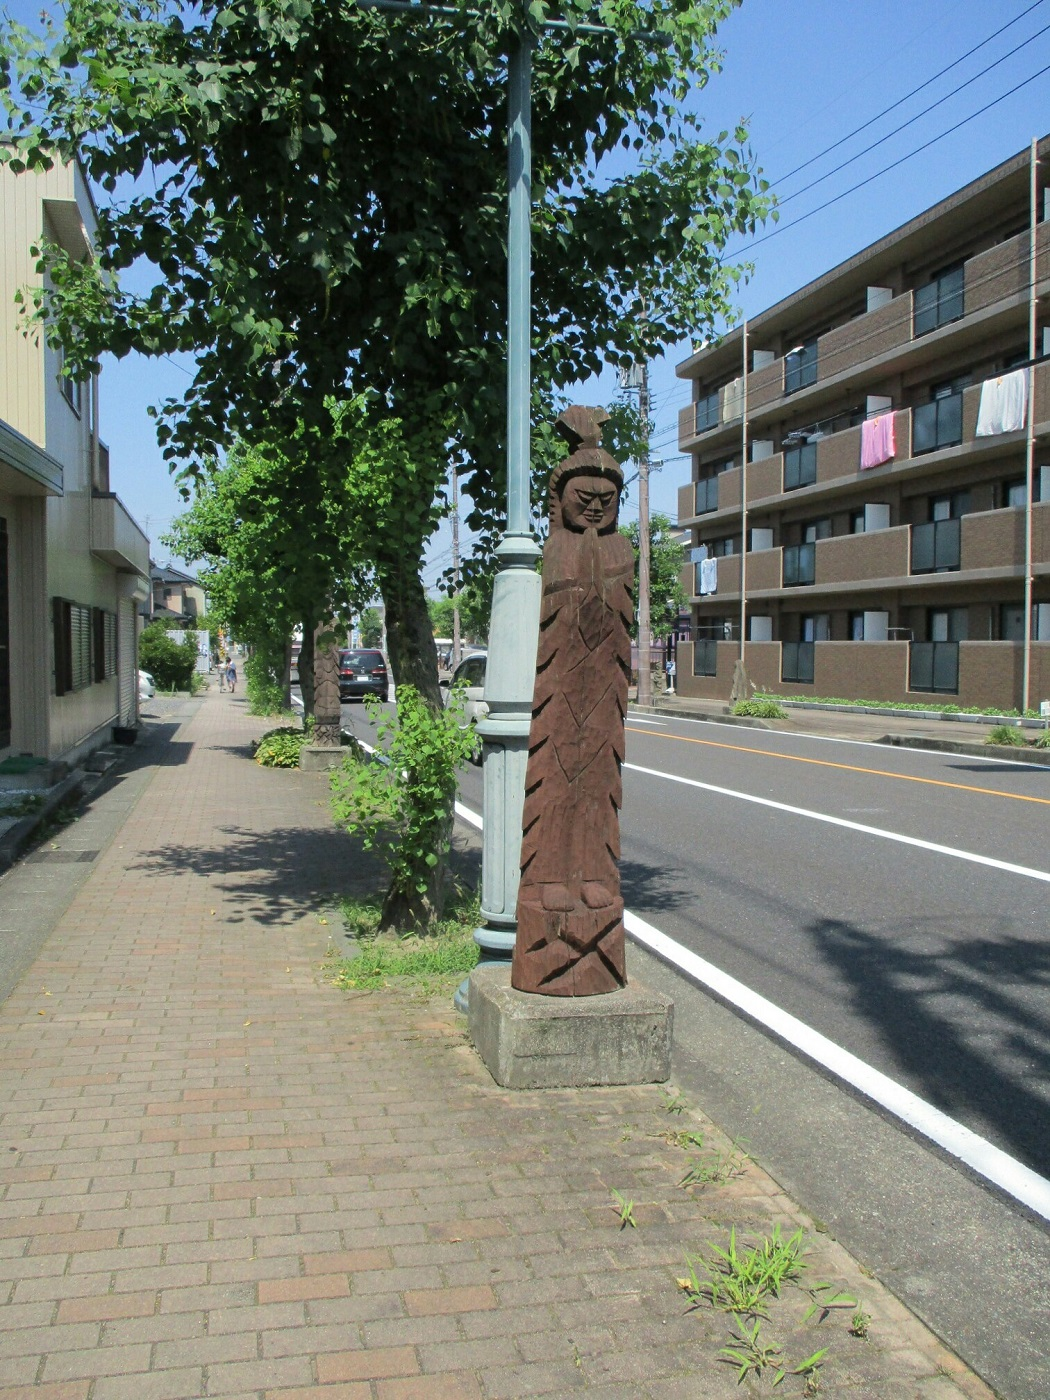 2018.7.18 (67) 竹鼻 - 木像どおり 1050-1400